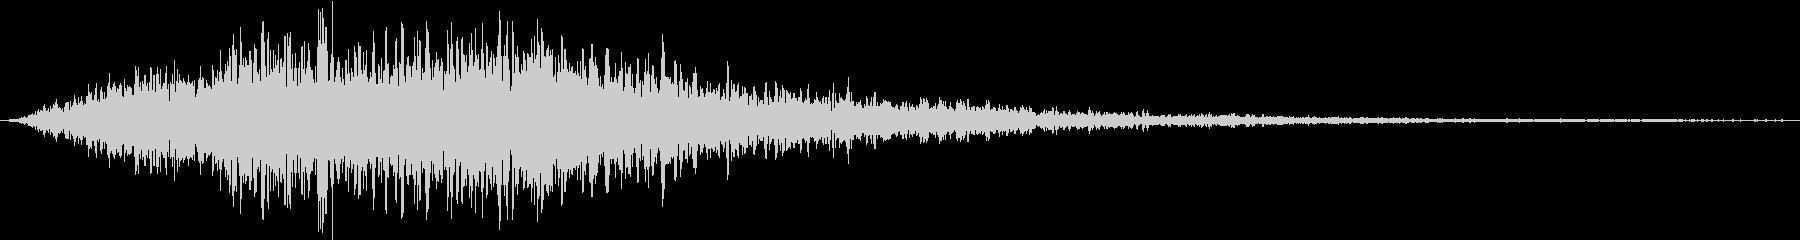 フーワーワーン(サウンドロゴ、ジングル)の未再生の波形